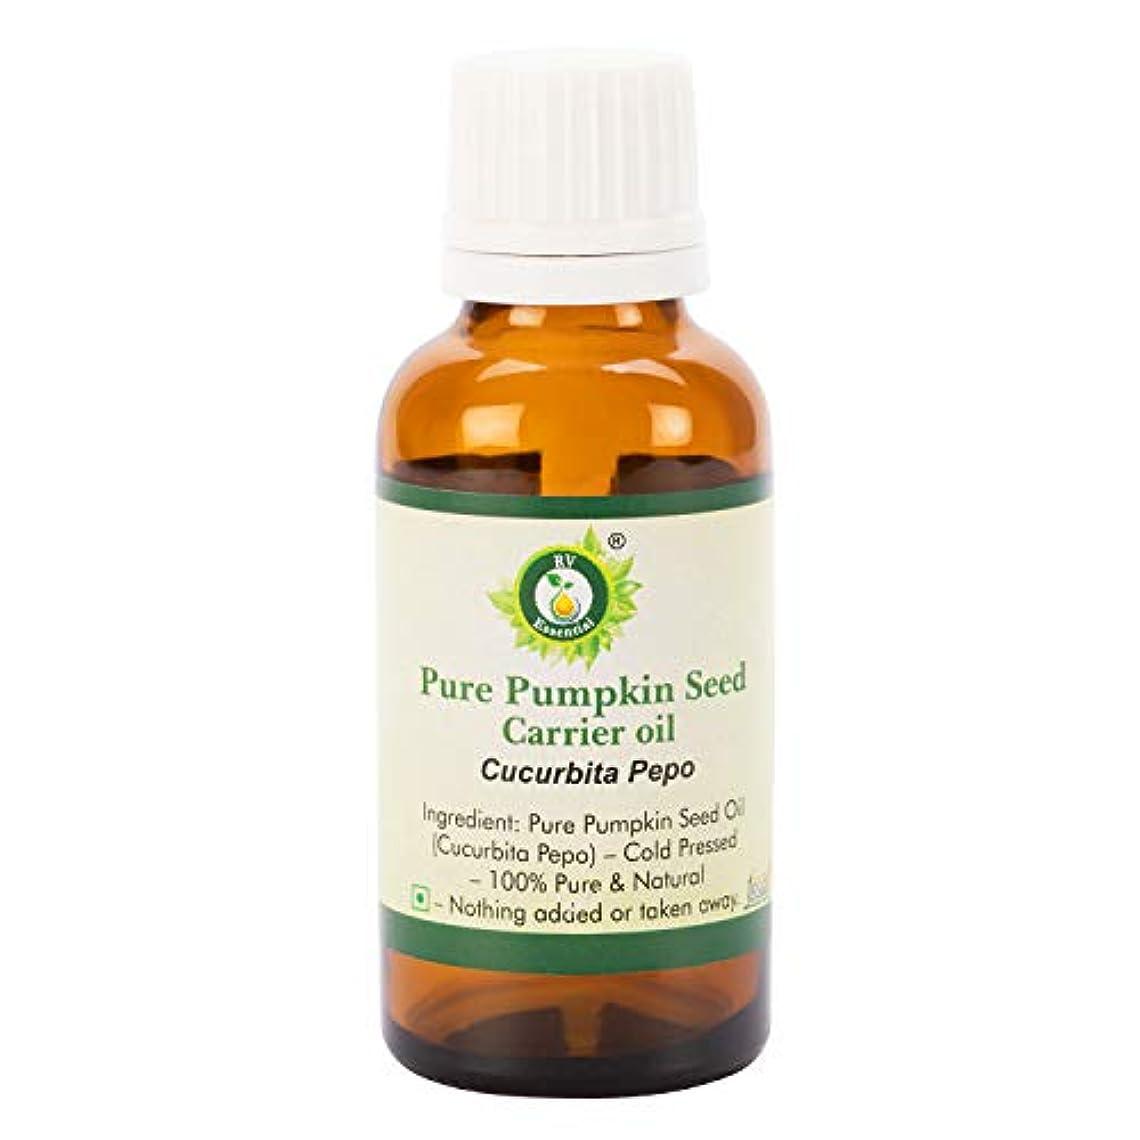 描く悪名高いカルシウムピュアパンプキンシードオイルキャリア300ml (10oz)- Cucurbita Pepo (100%ピュア&ナチュラルコールドPressed) Pure Pumpkin Seed Carrier Oil